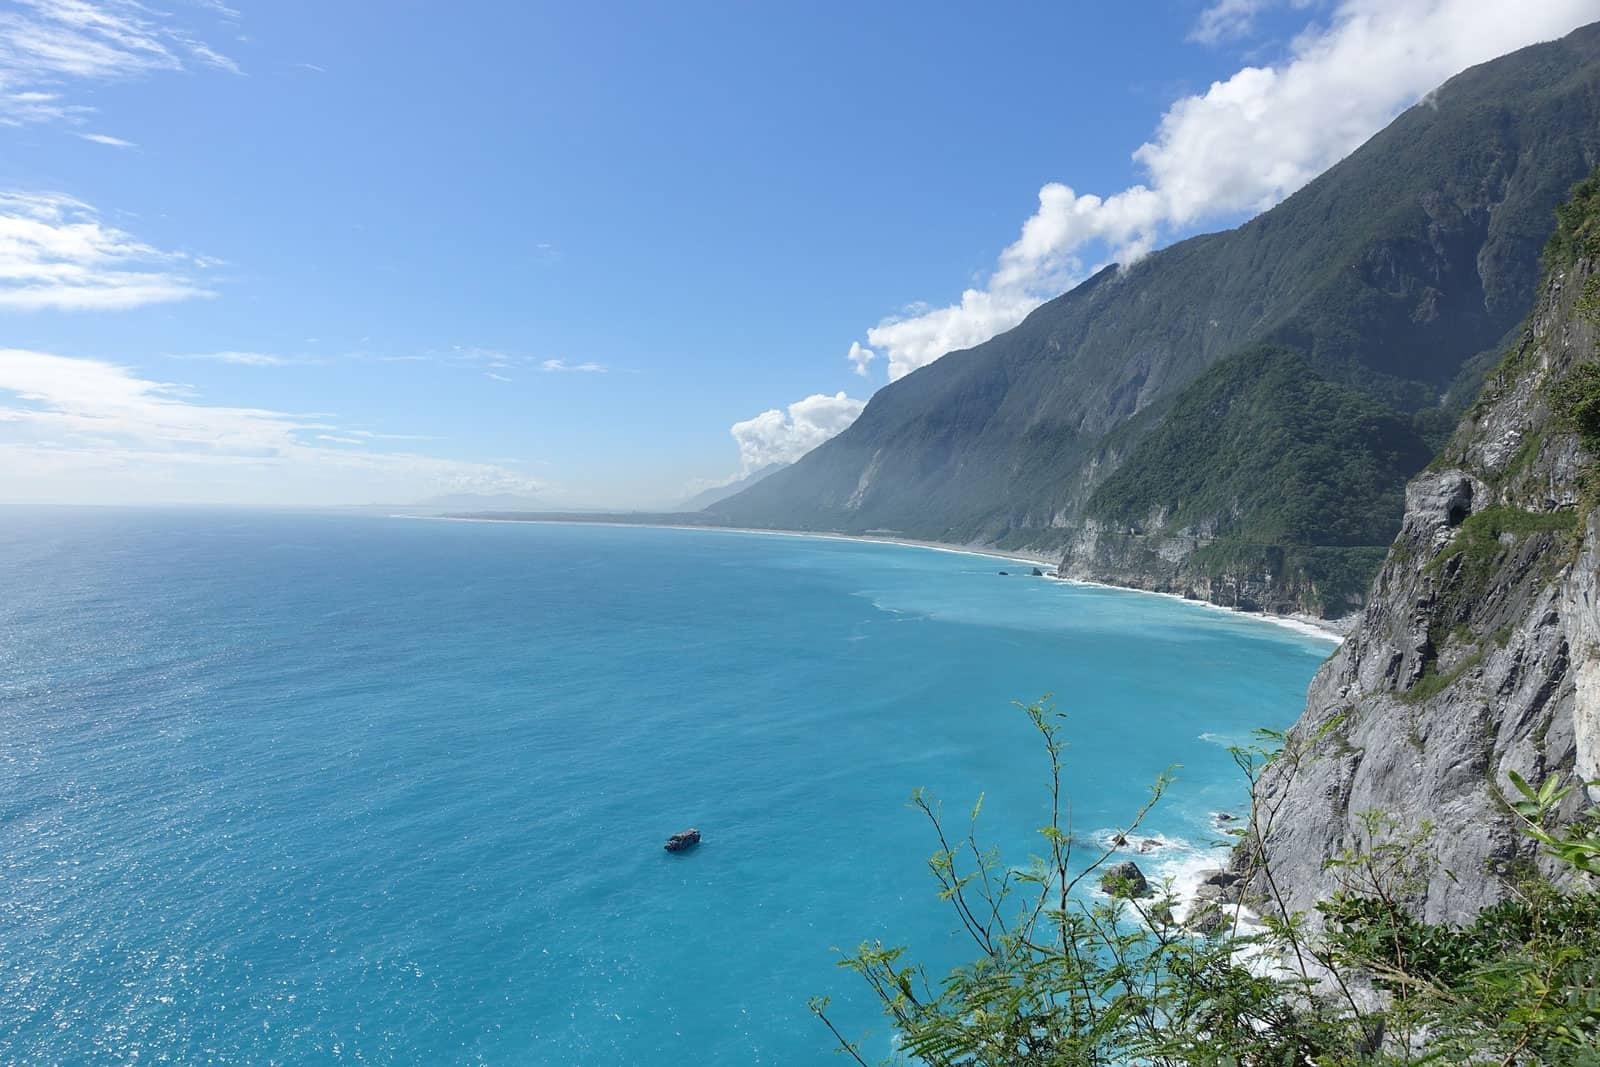 Coastline near Hualien